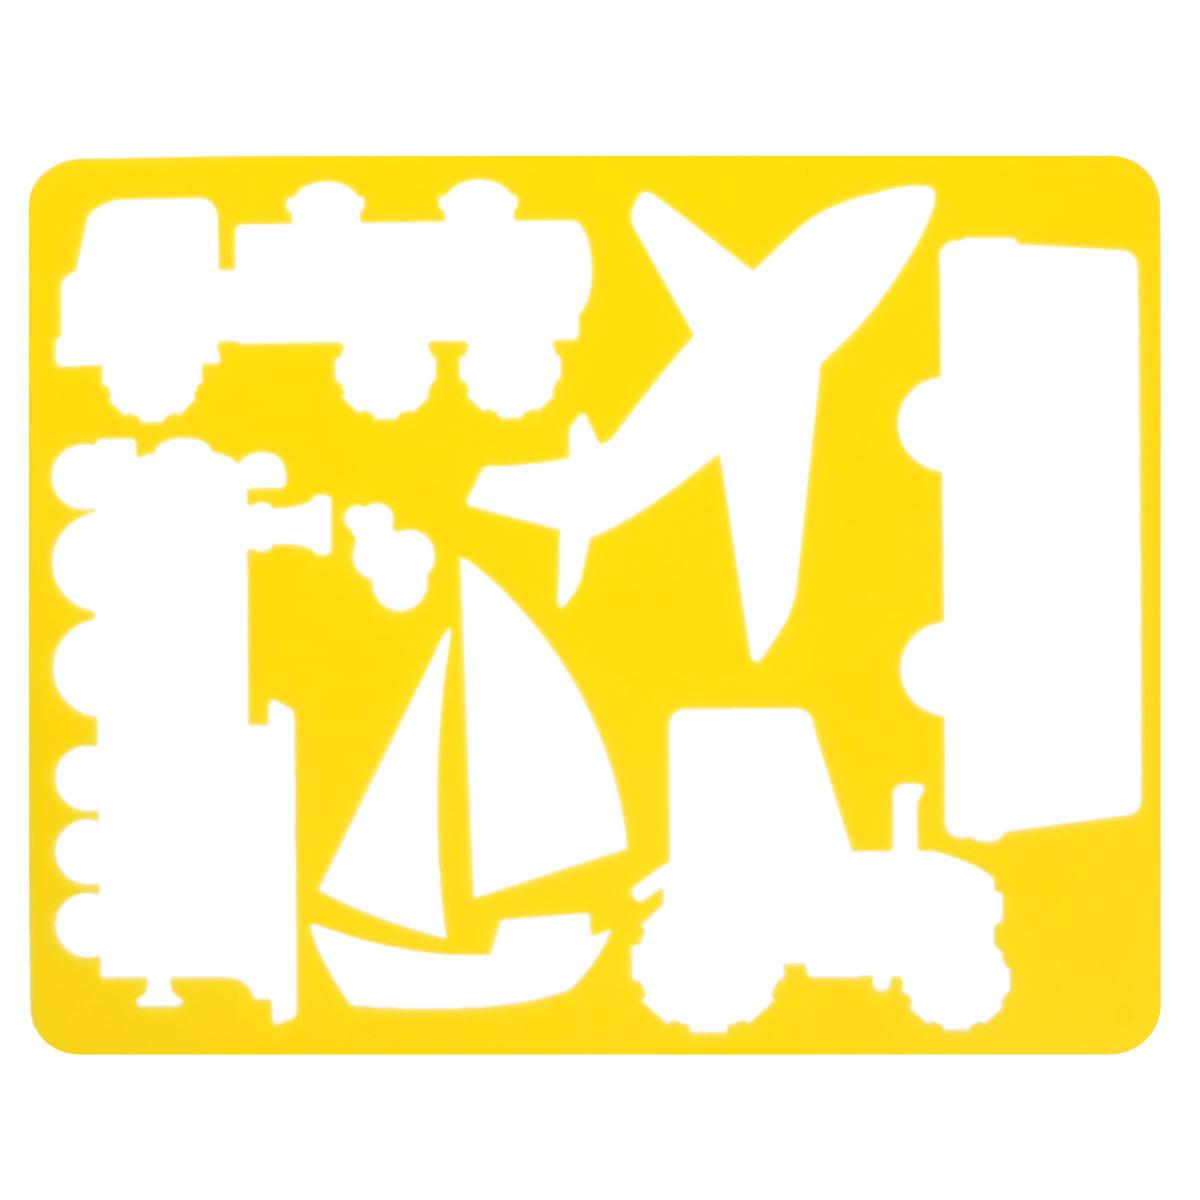 Трафарет Виды транспорта, цвет: желтыйC27837_молоко/желтыйТрафарет Виды транспорта идеально подойдет для изготовления открыток, аппликаций, приглашений и других оригинальных изделий. Комплект состоит из трафарета и бумажной основы с изображениями различных видов транспорта.